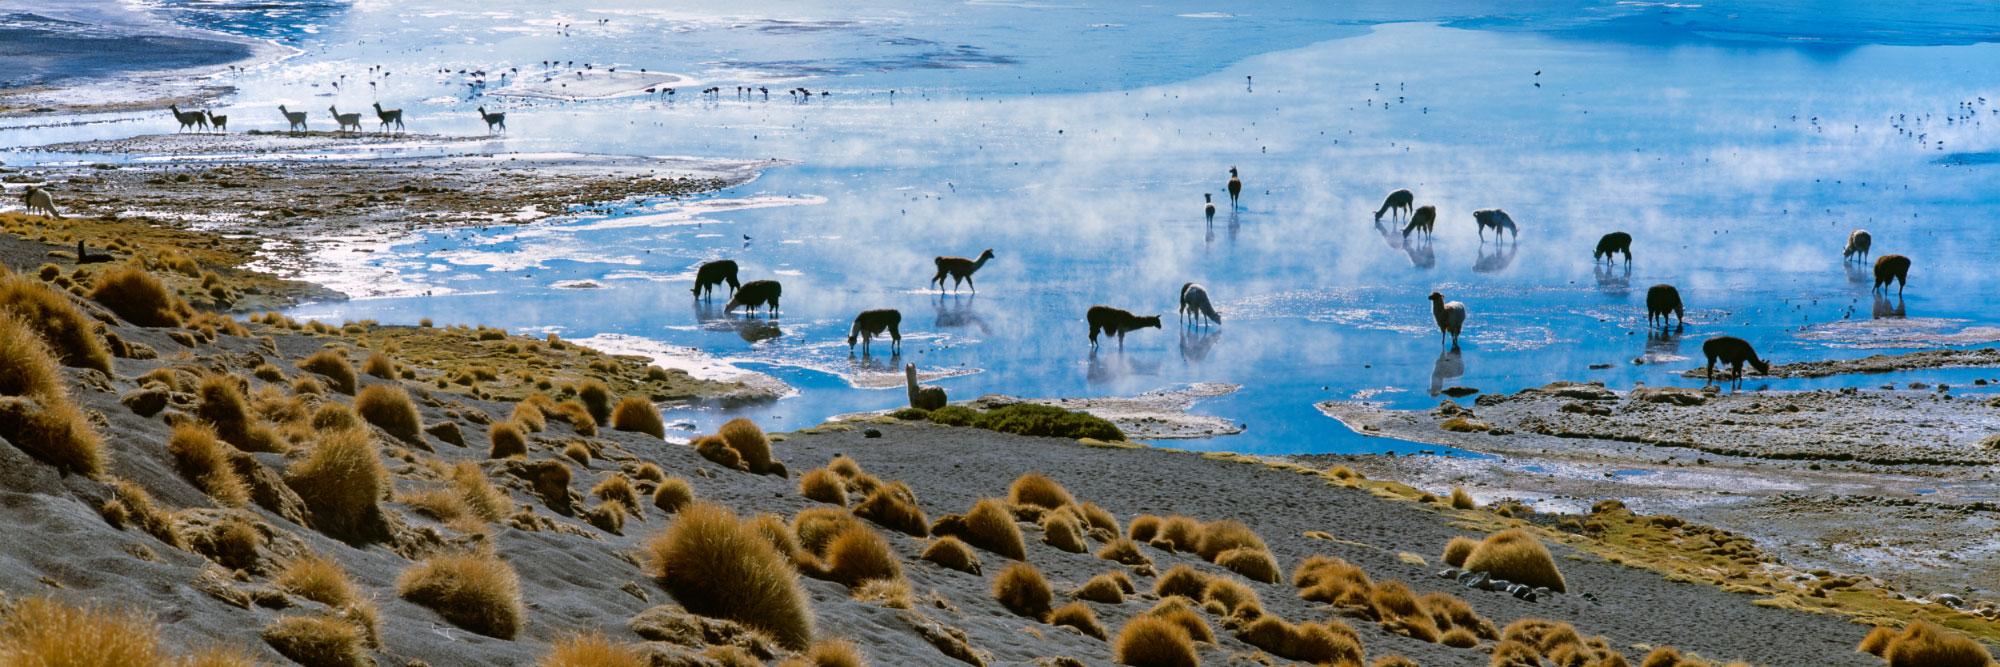 Lamas, Laguna Colorada